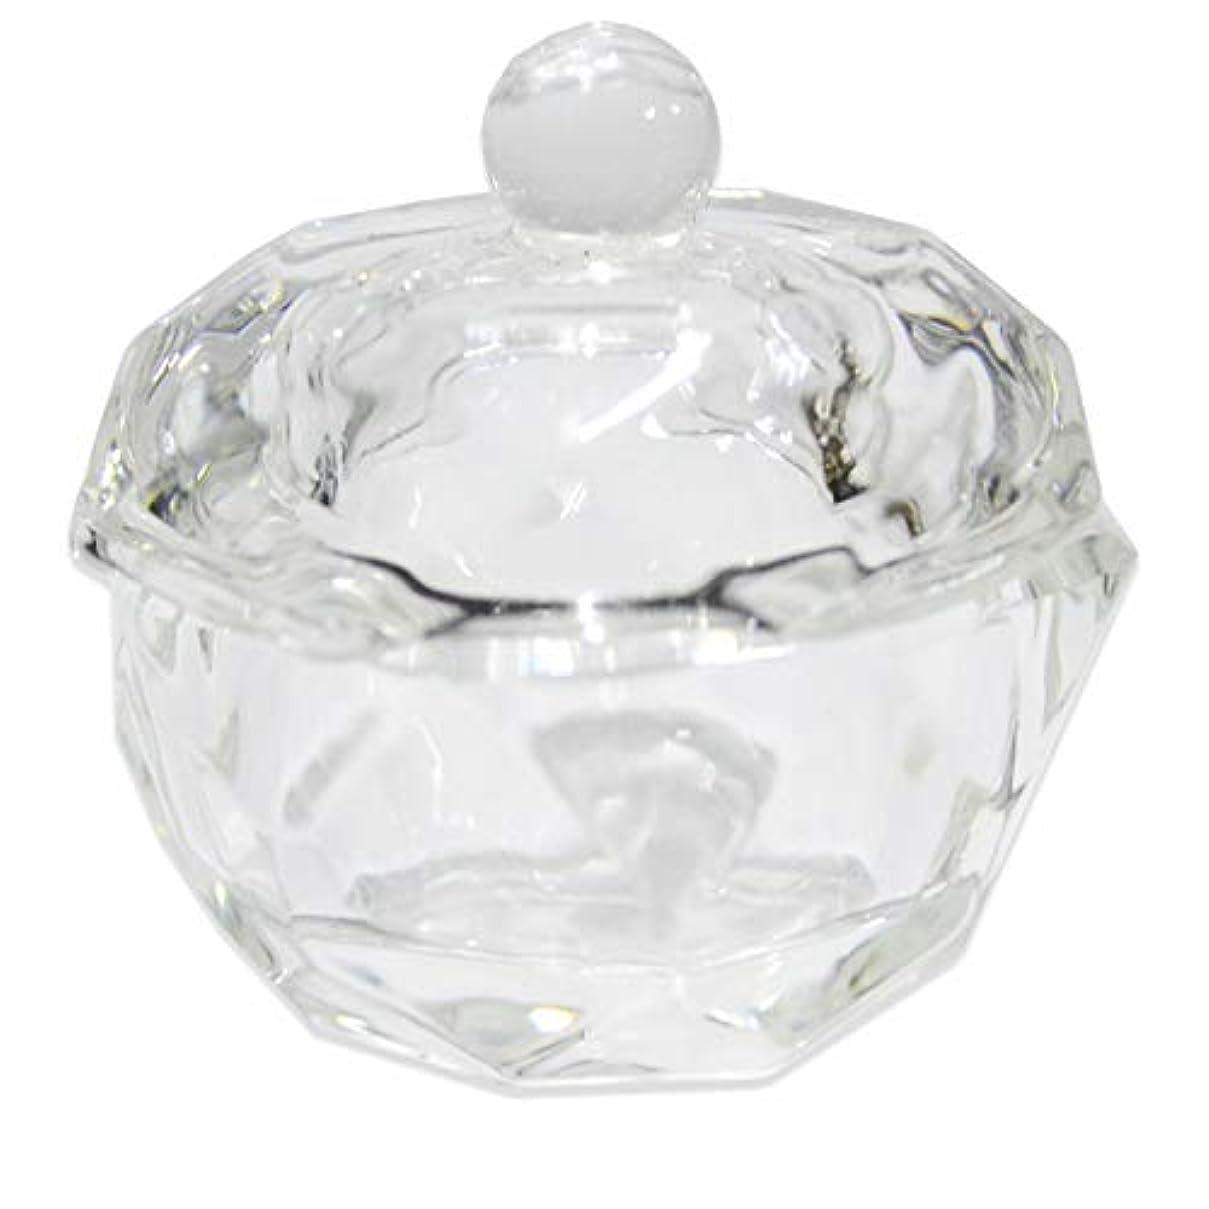 広告主プロジェクター原理クリスタル オクタゴン ダッペンディッシュ/ガラスの蓋付き/八角形